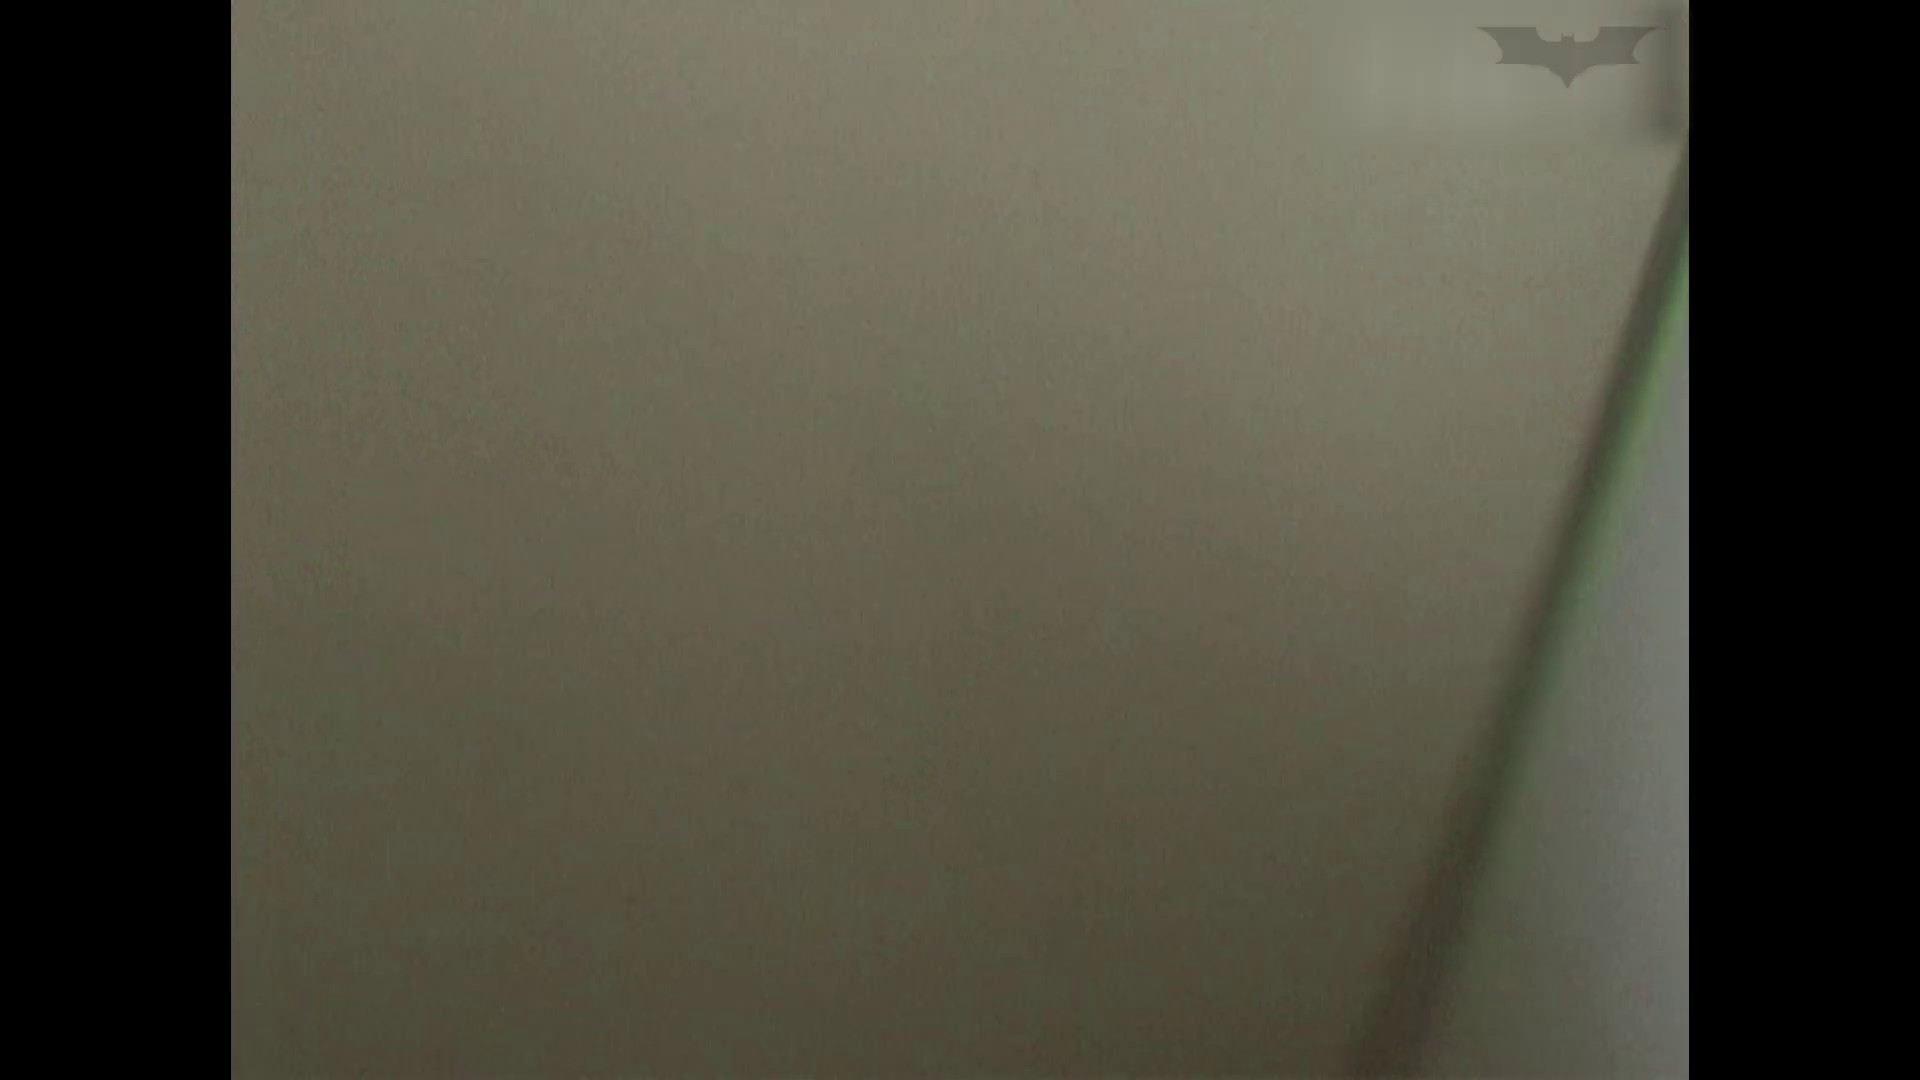 アダルトエロ動画 空爆特集!和式フロントツル4名期間限定神キタ!ツルピカの放nyo!Vol.09 怪盗ジョーカー